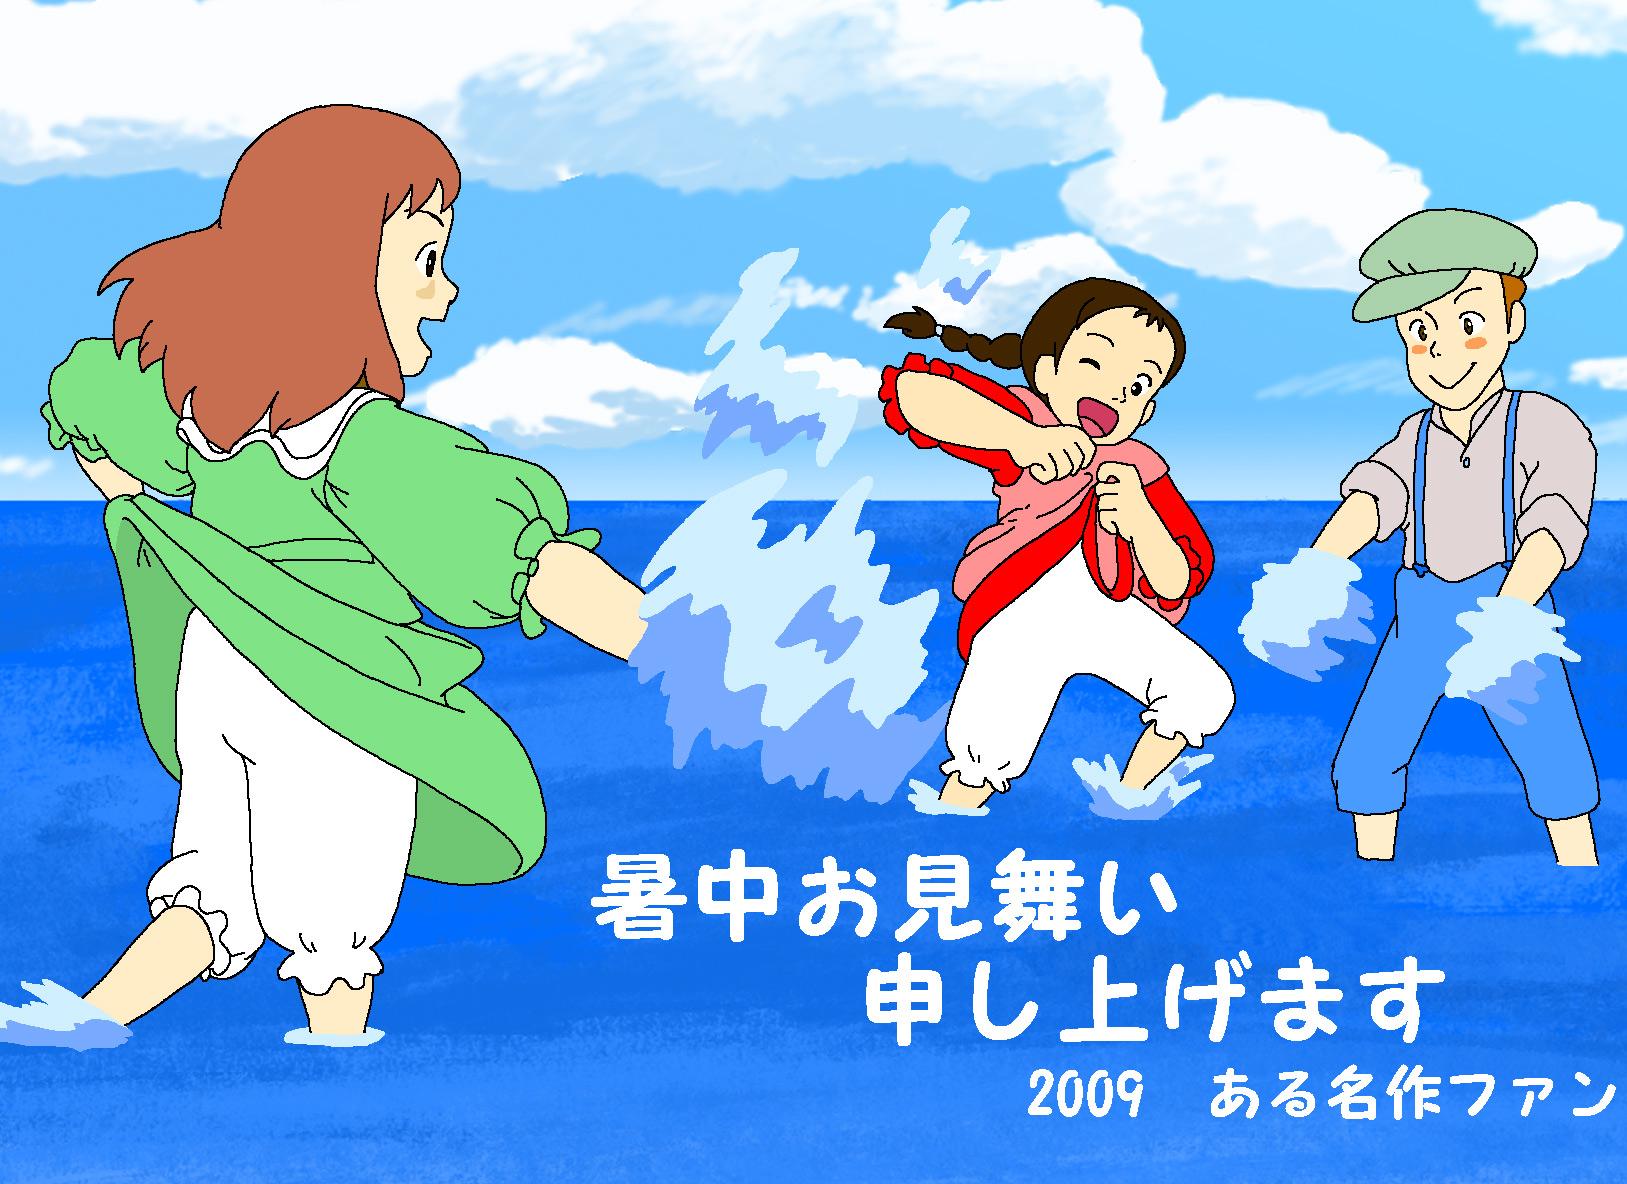 2009暑中お見舞い(南の虹のルーシー) illustrated by ある名作ファン